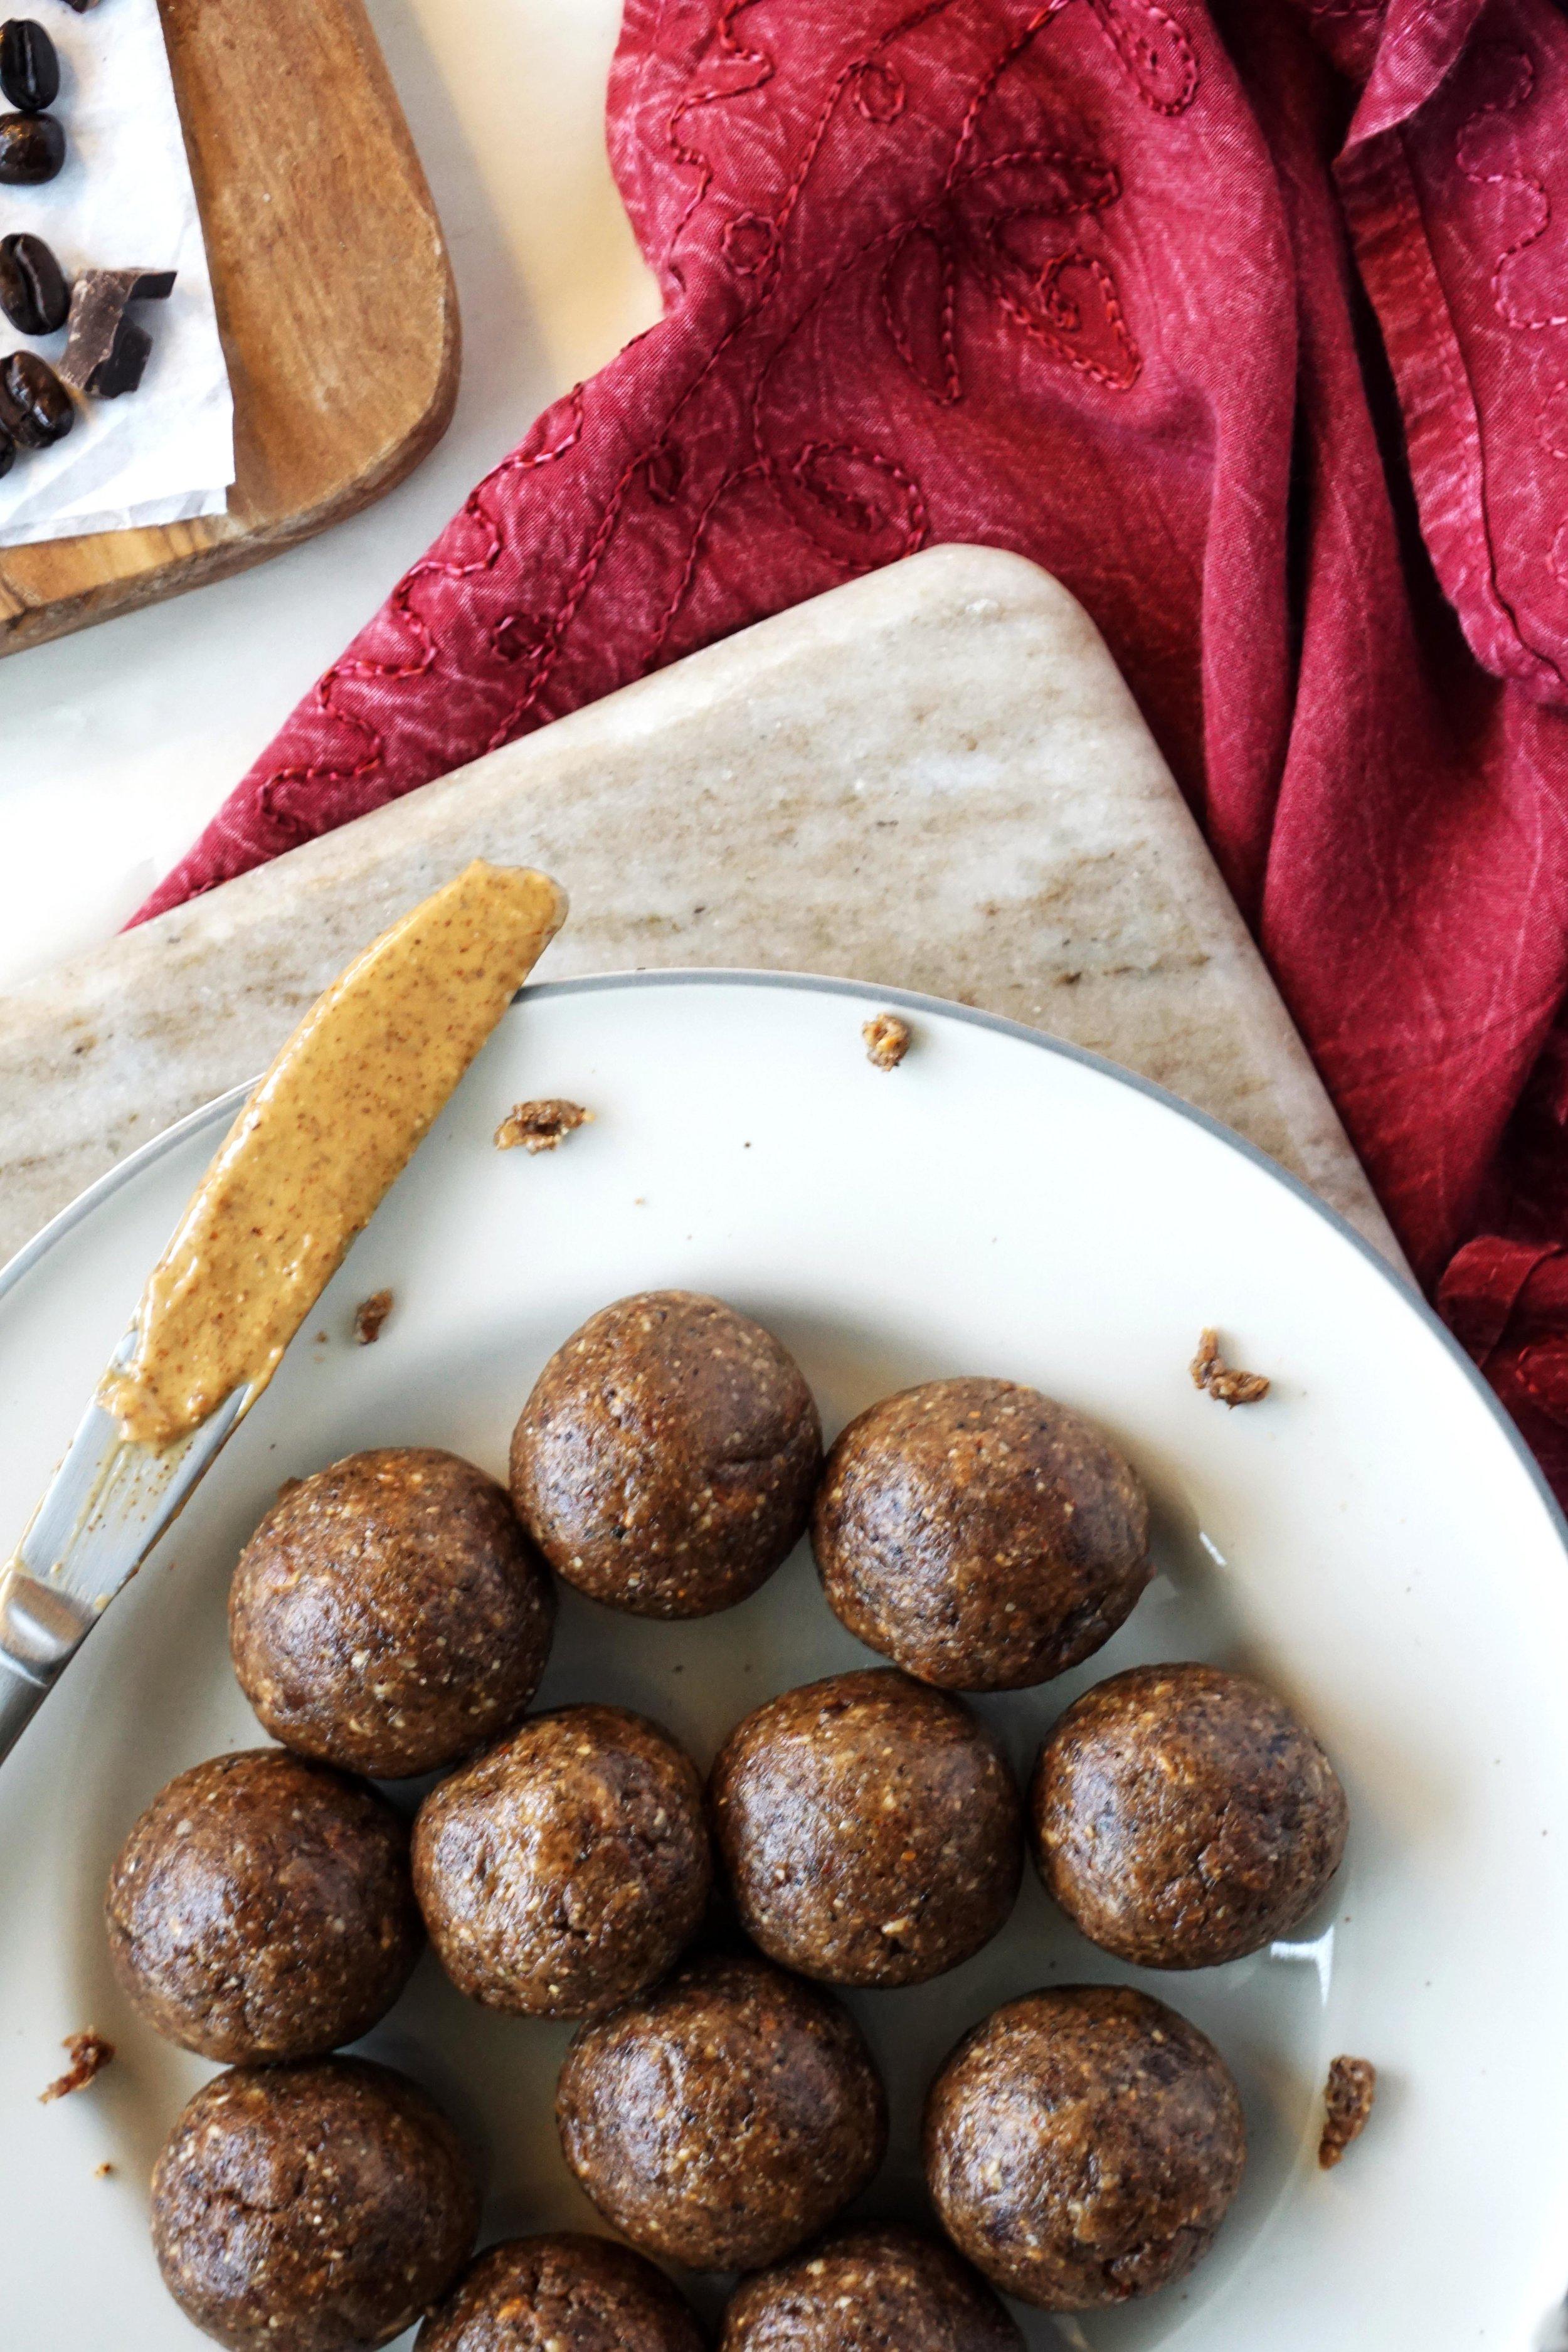 Almond Mocha Truffles (Grain-free, Date-sweetened, Vegan)